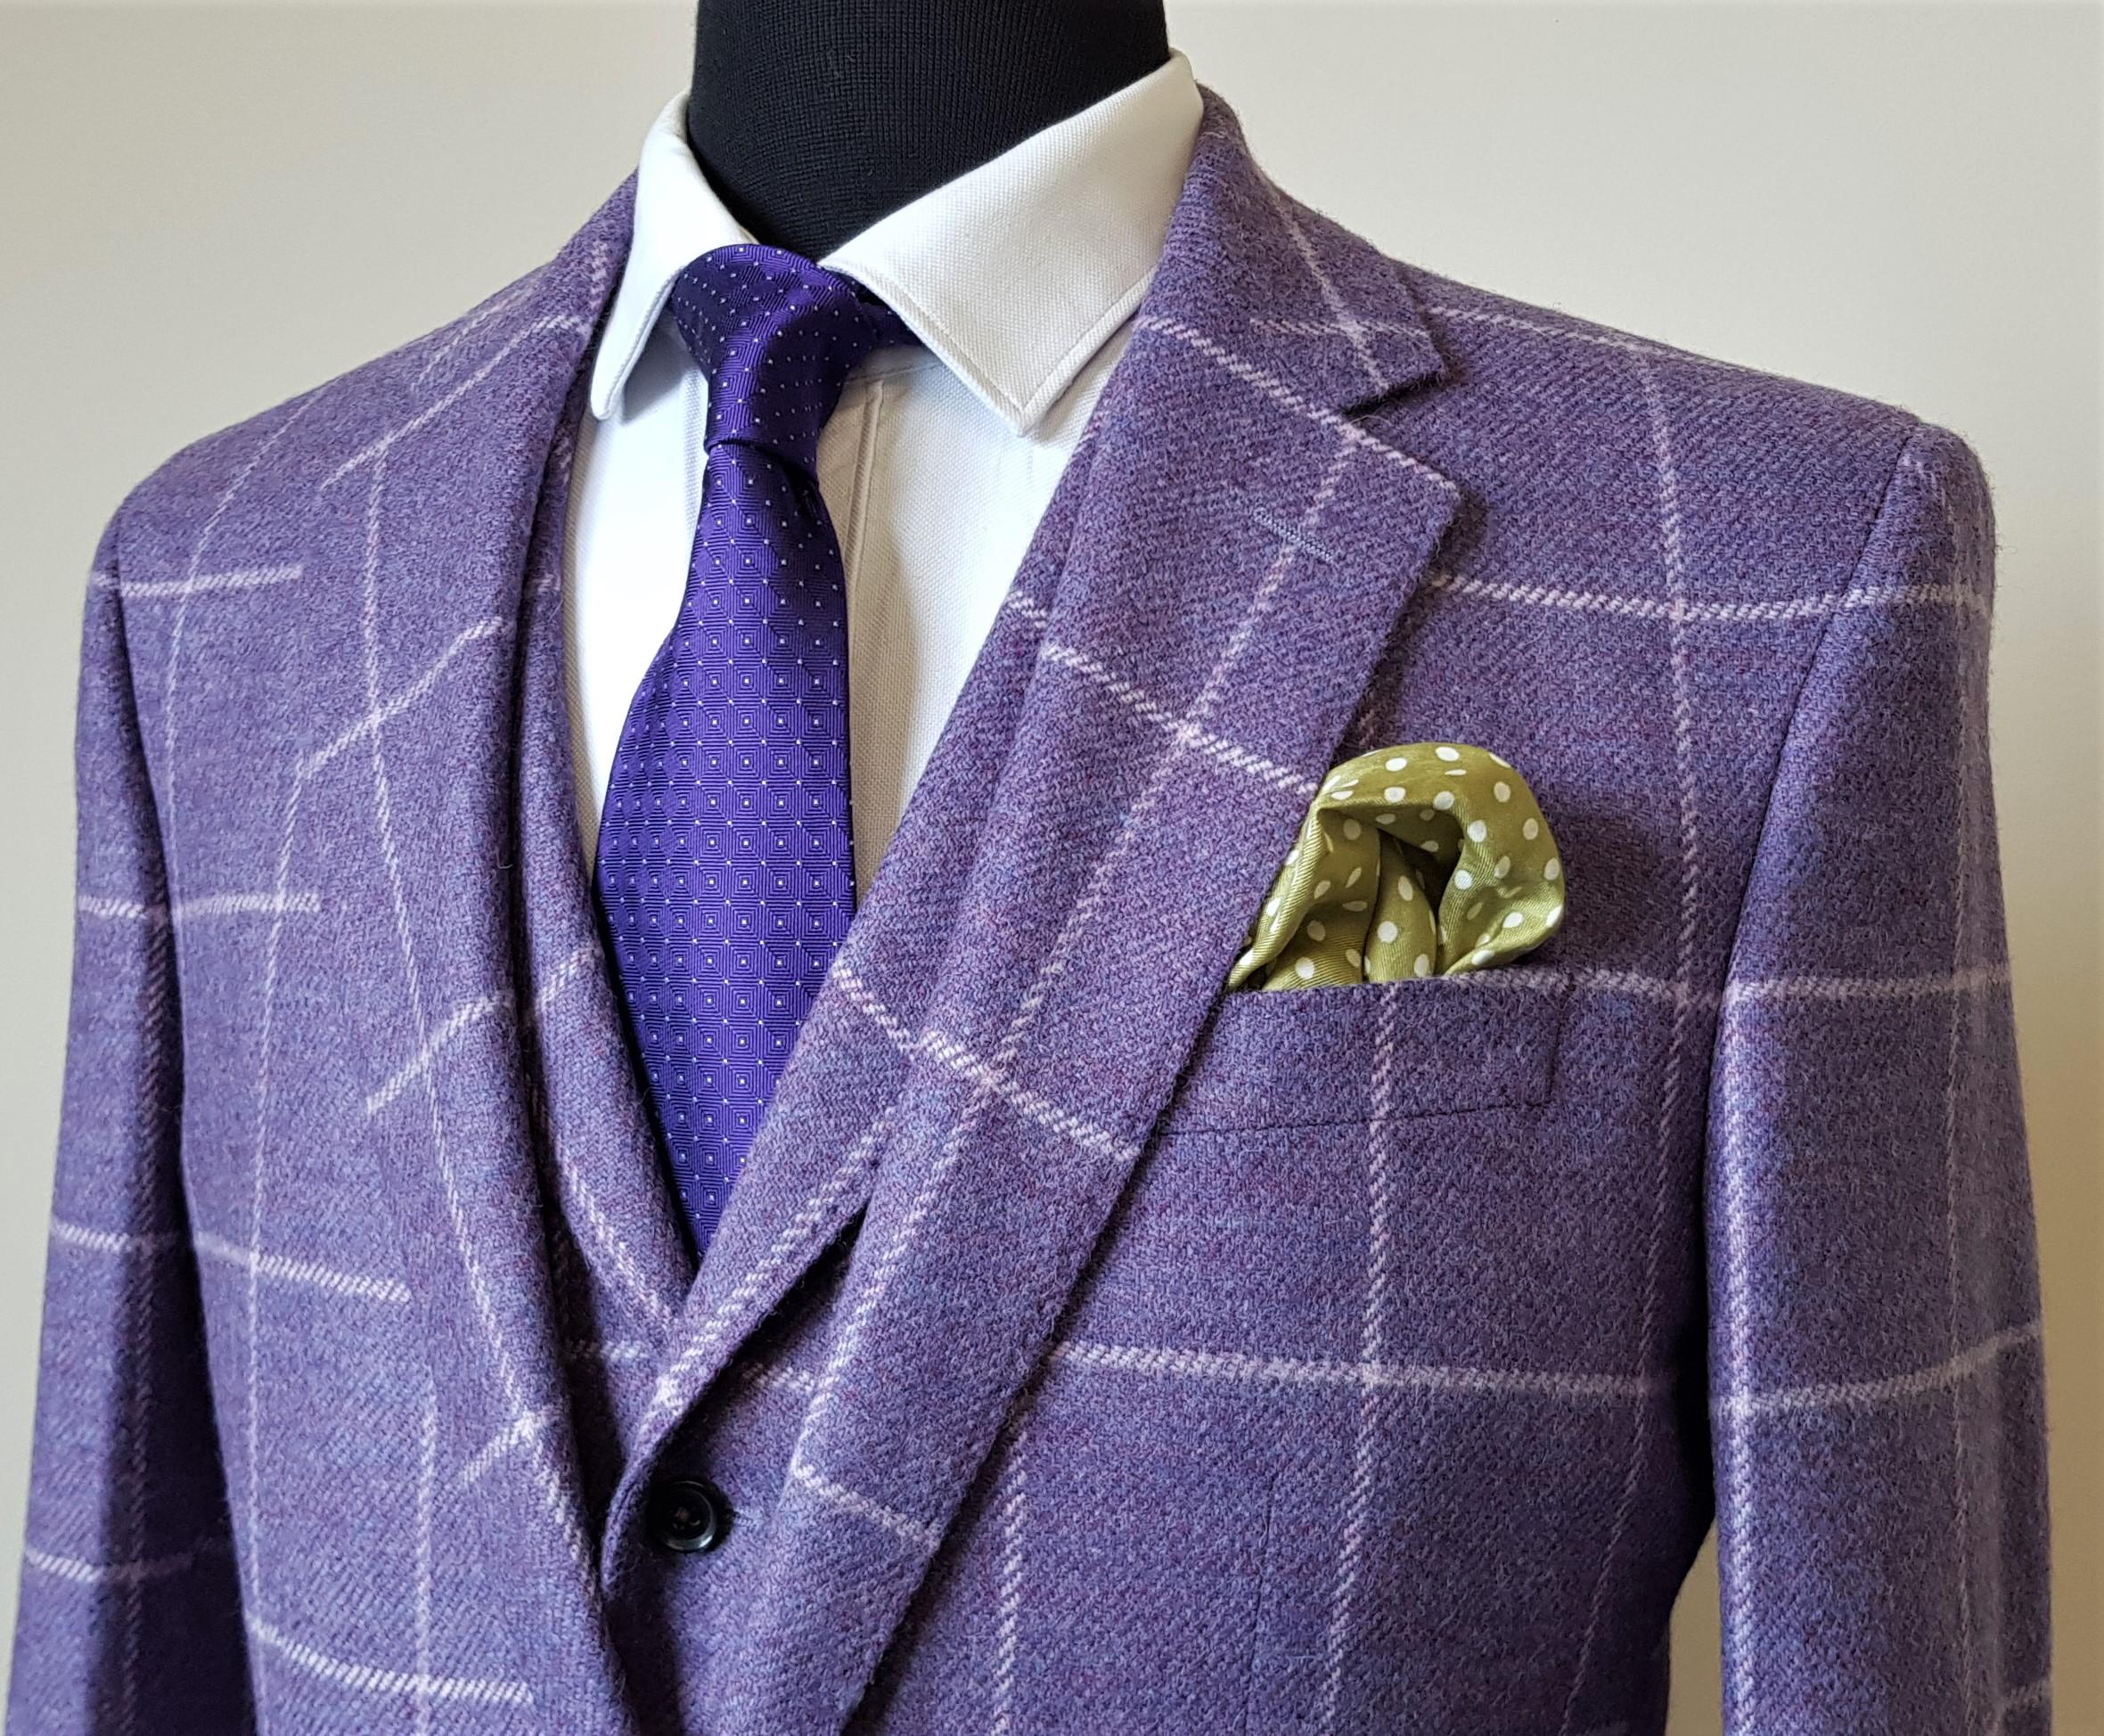 3 Piece Purple Check Tweed Suit (5).jpg